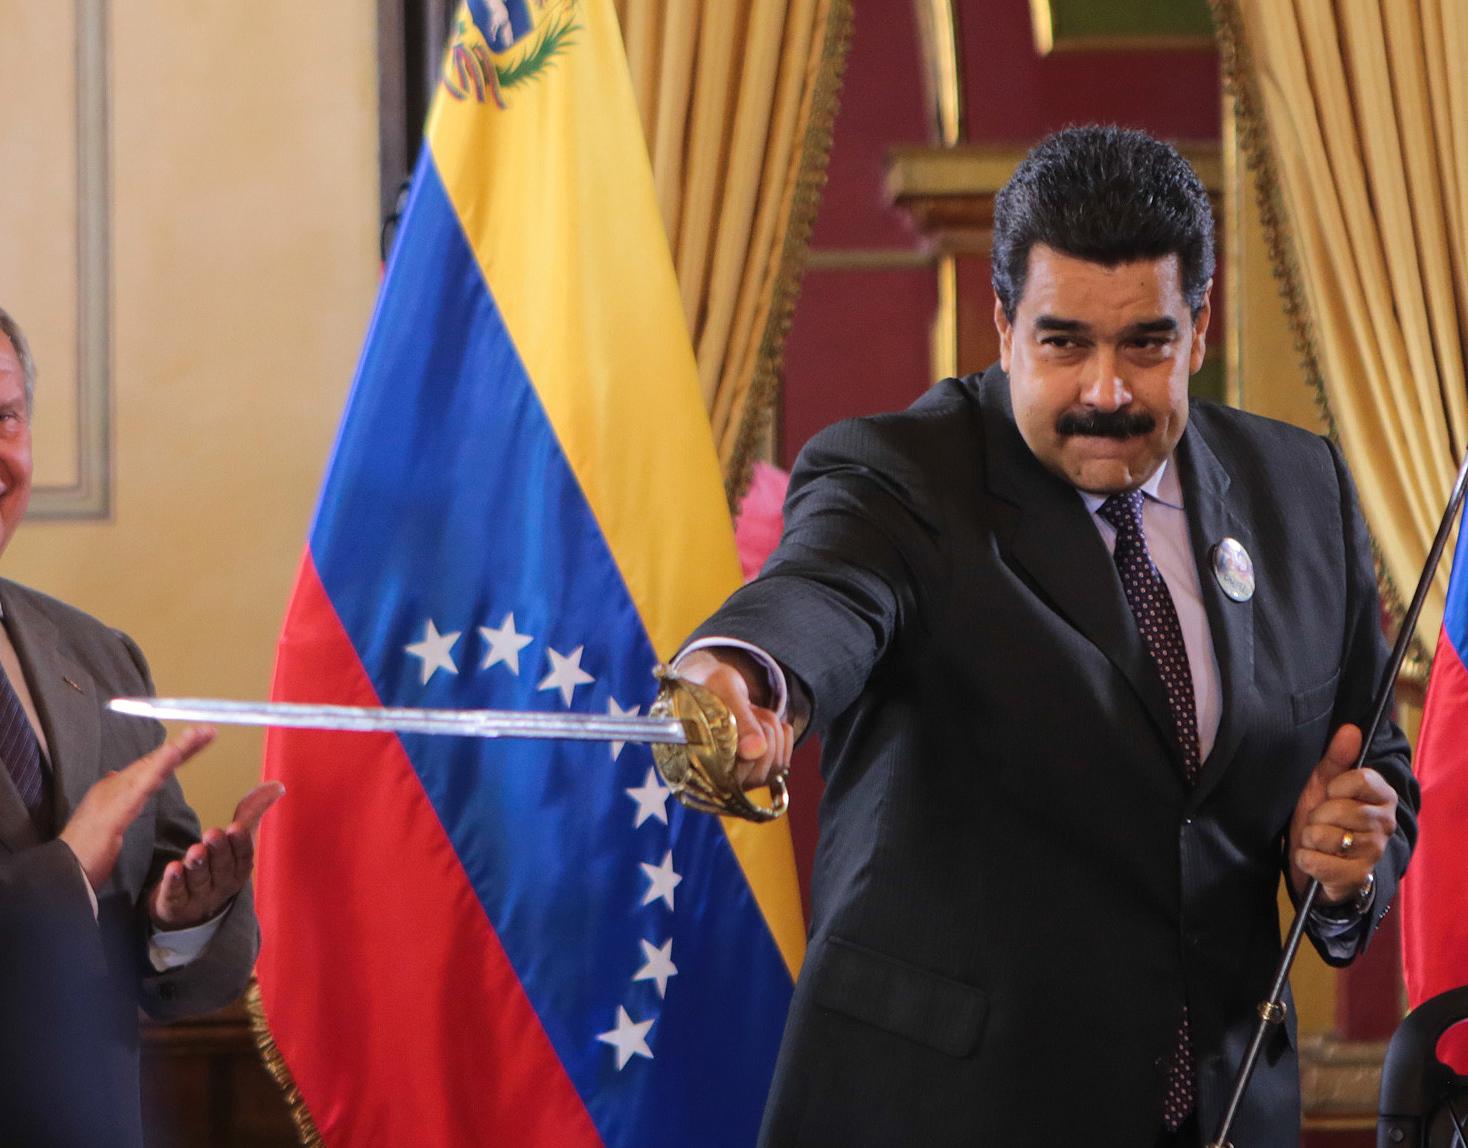 """(160728) -- CARACAS, julio 28, 2016 (Xinhua) -- Imagen cedida por la Presidencia de Venezuela del presidente venezolano Nicolás Maduro (c), acompañado del ministro de Minería y Petróleo, Eulogio del Pino (d), y el ministro ruso de Petróleo, Igor Sechín (i), participando en la firma de cuatro acuerdos de cooperación en materia energética entre la empresa estatal PDVSA y la petrolera rusa Rosneft en el Palacio de Miraflores, en Caracas, capital de Venezuela, el 28 de julio de 2016. Durante el evento, el mandatario venezolano dijo que estos acuerdos ratifican la alianza estratégica entre Venezuela y Rusia, con miras a la construcción de """"un nuevo mundo de paz y solidaridad"""". (Xinhua/Presidencia de Venezuela) (egp) (fnc) ***SOLO USO EDITORIAL*** ***NO VENTAS***"""